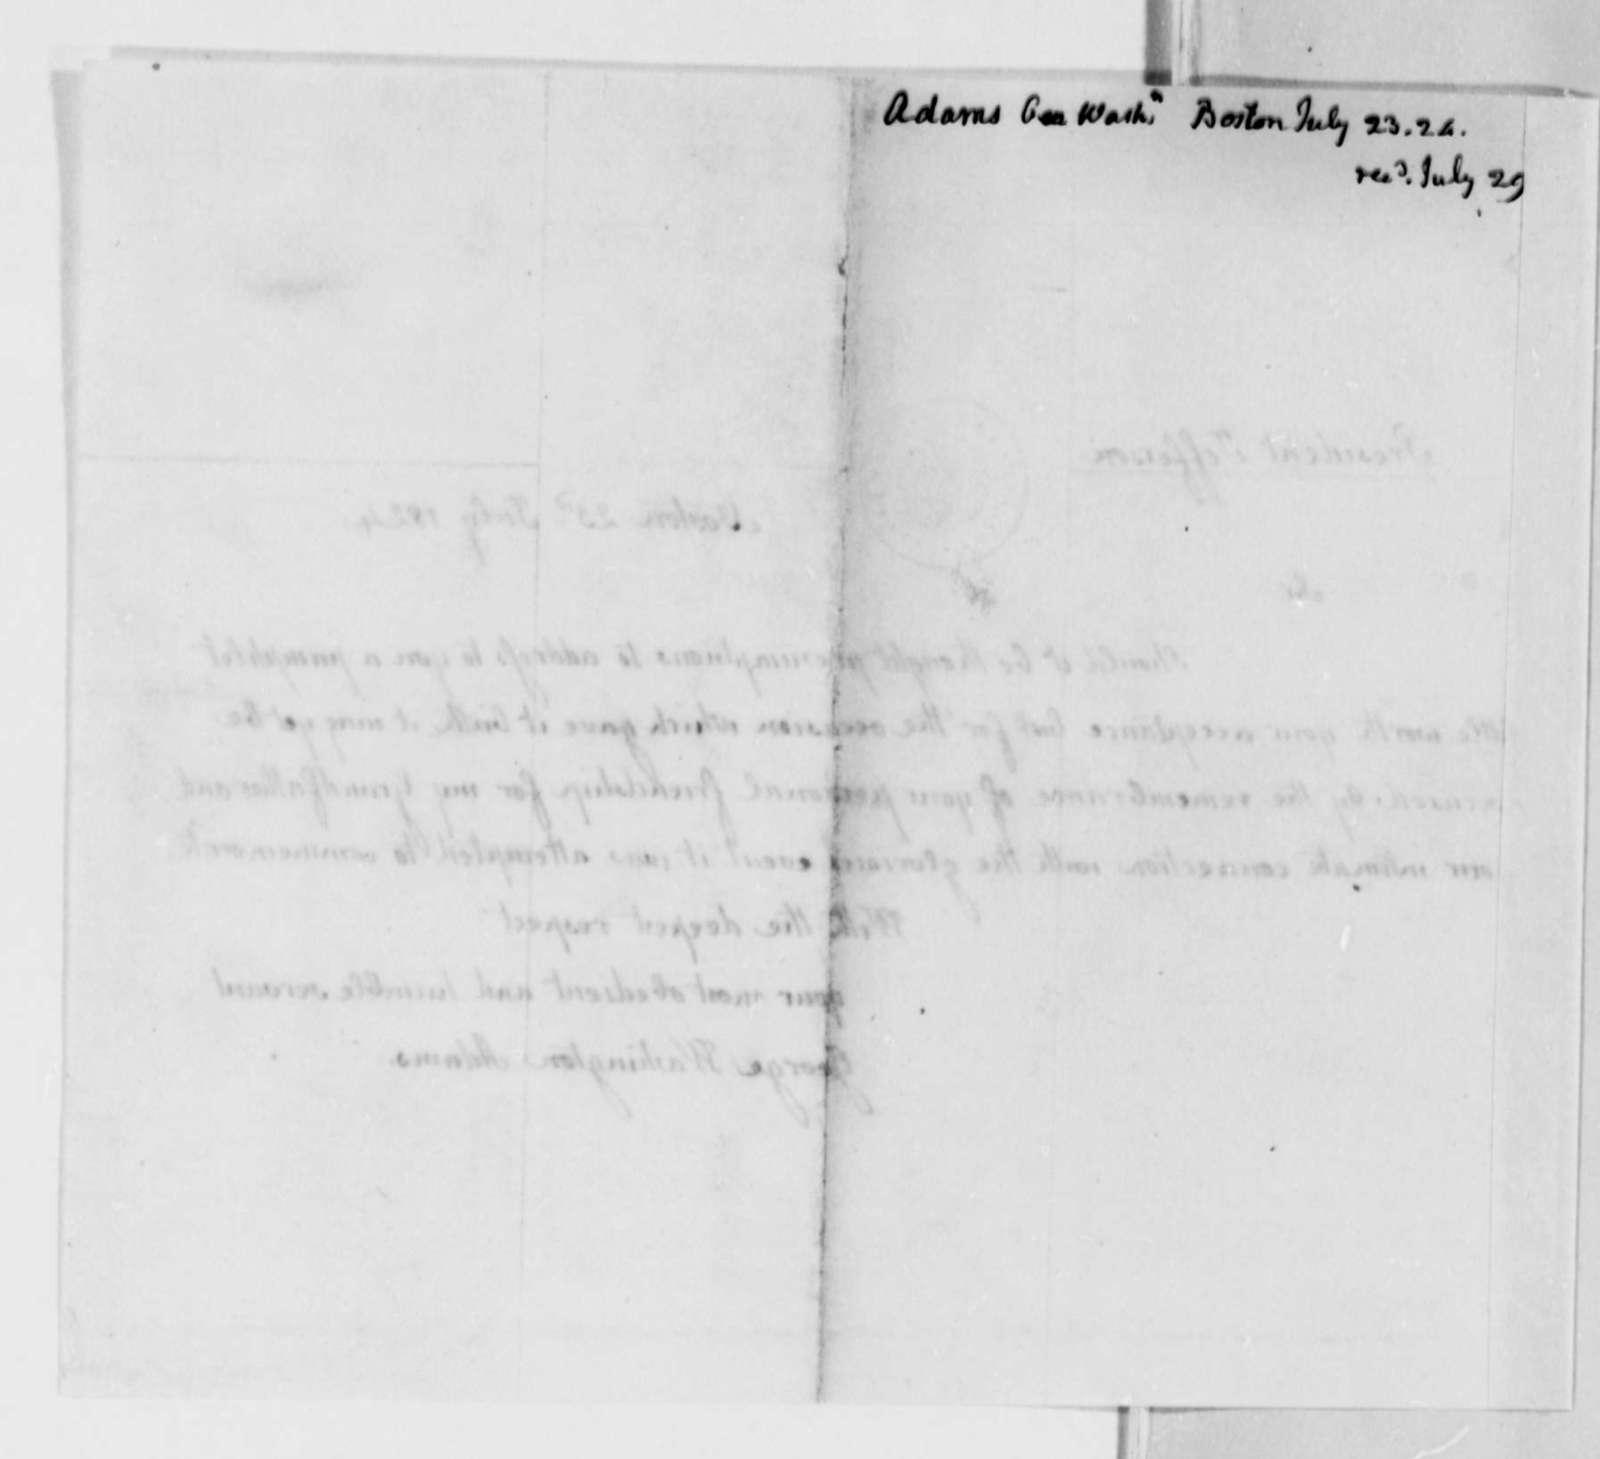 George Washington Adams to Thomas Jefferson, July 23, 1824